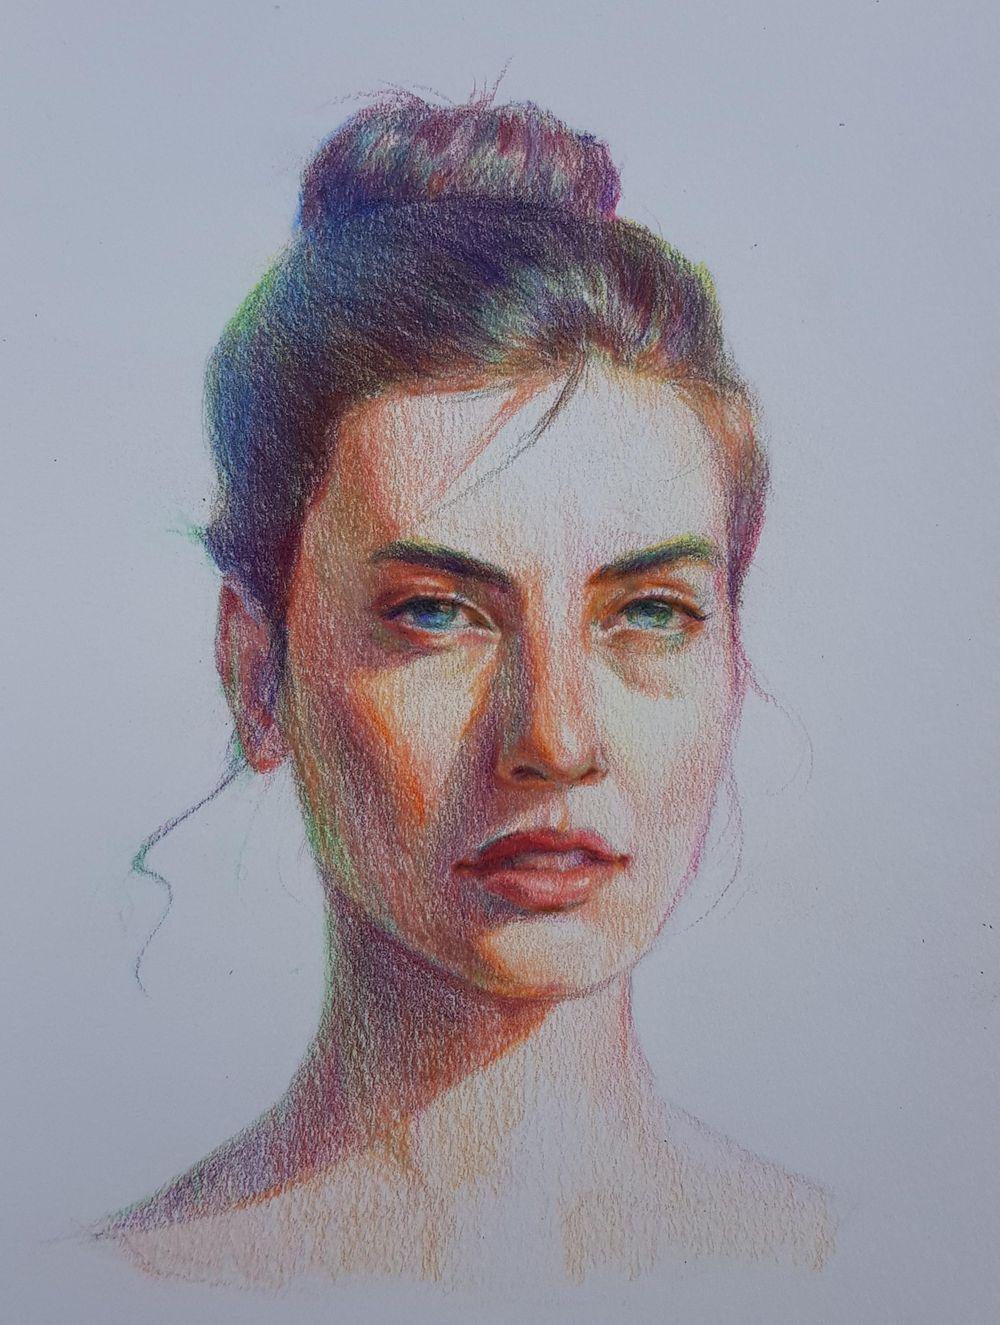 Rakova Elena - image 1 - student project